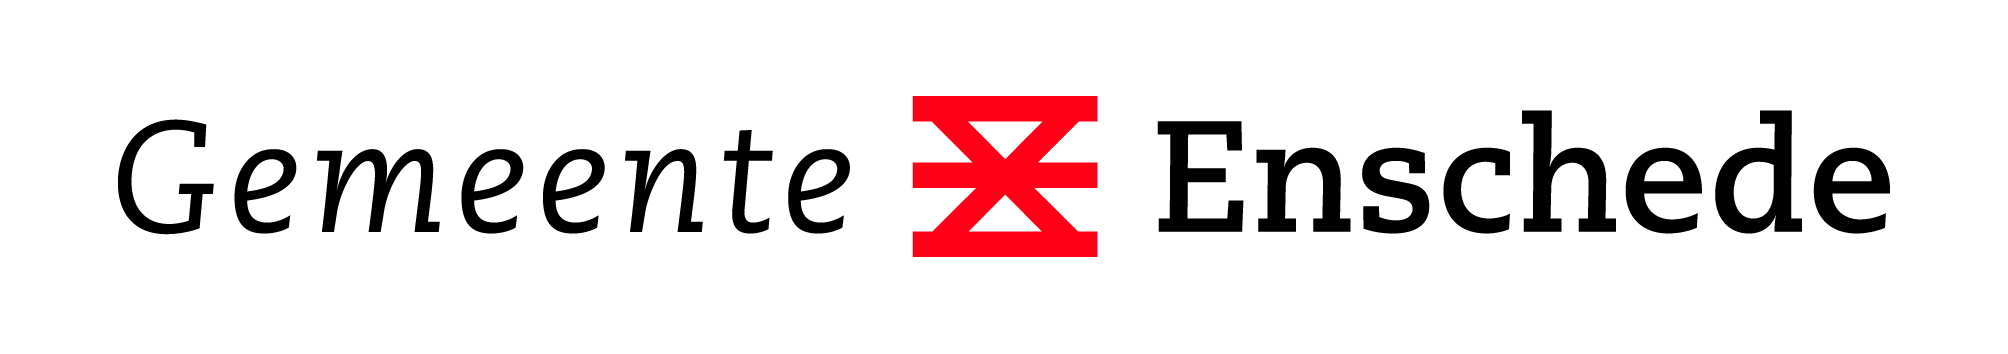 Afbeeldingsresultaat voor gemeente enschede logo